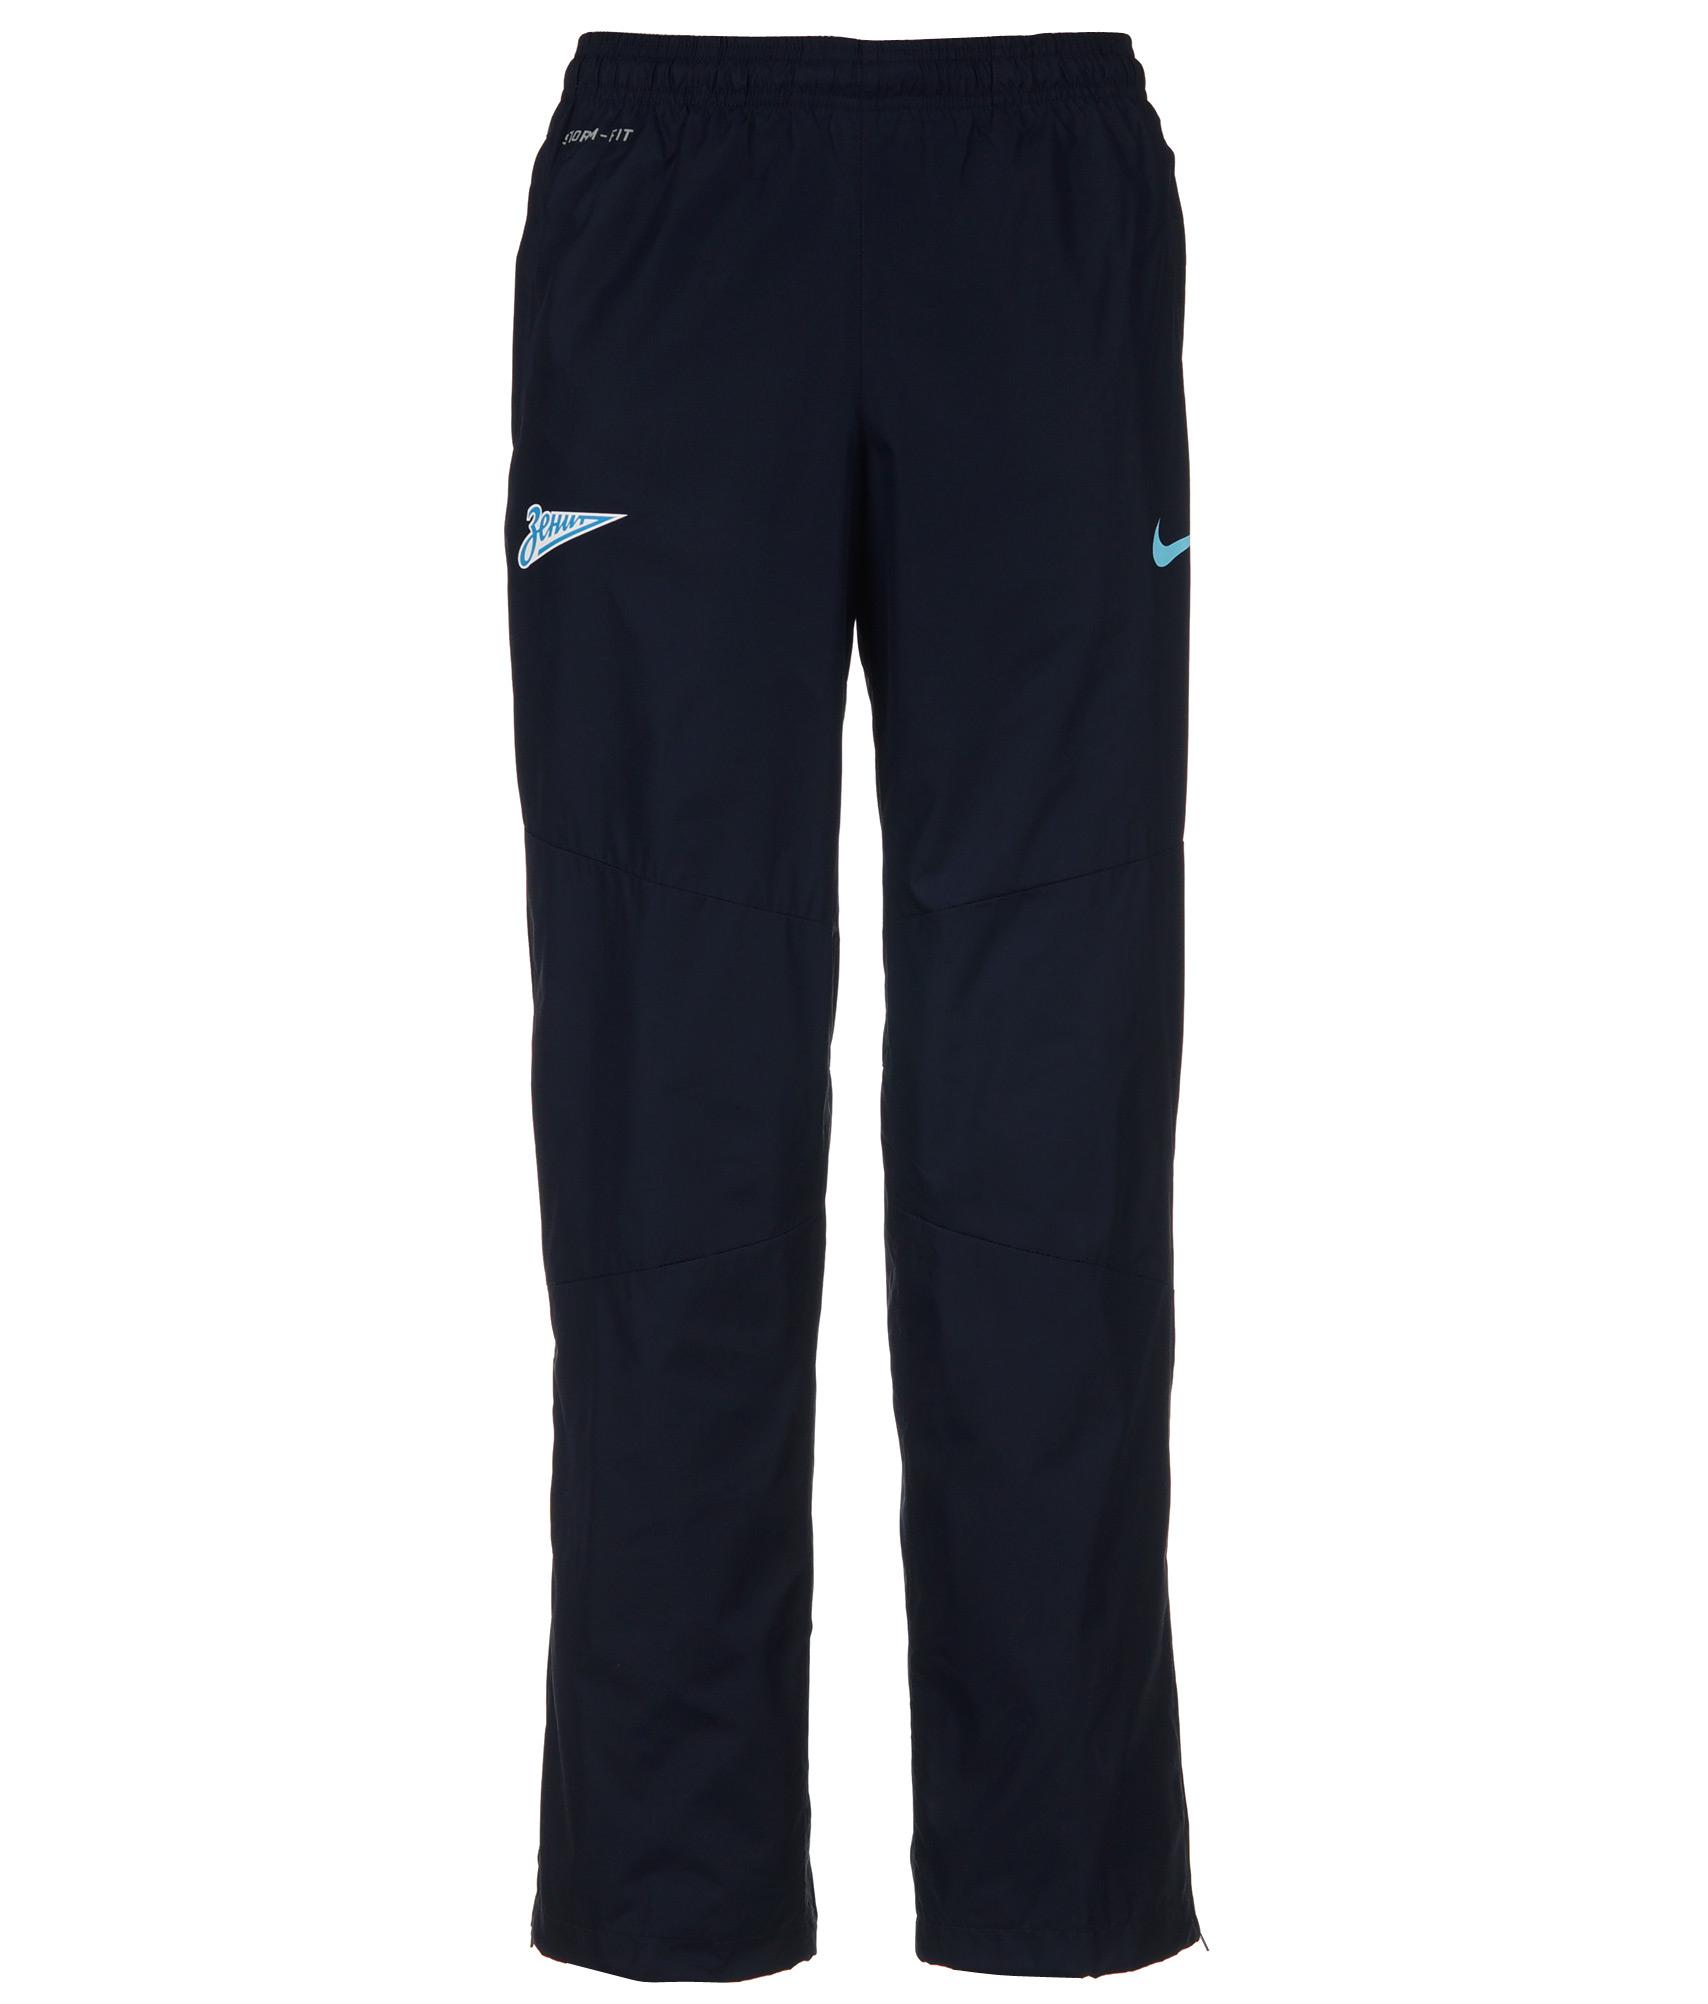 Брюки ветрозащитные Nike , Цвет-Синий, Размер-S redfox брки ветрозащитные lilo детские 92 9381 рко синий океан